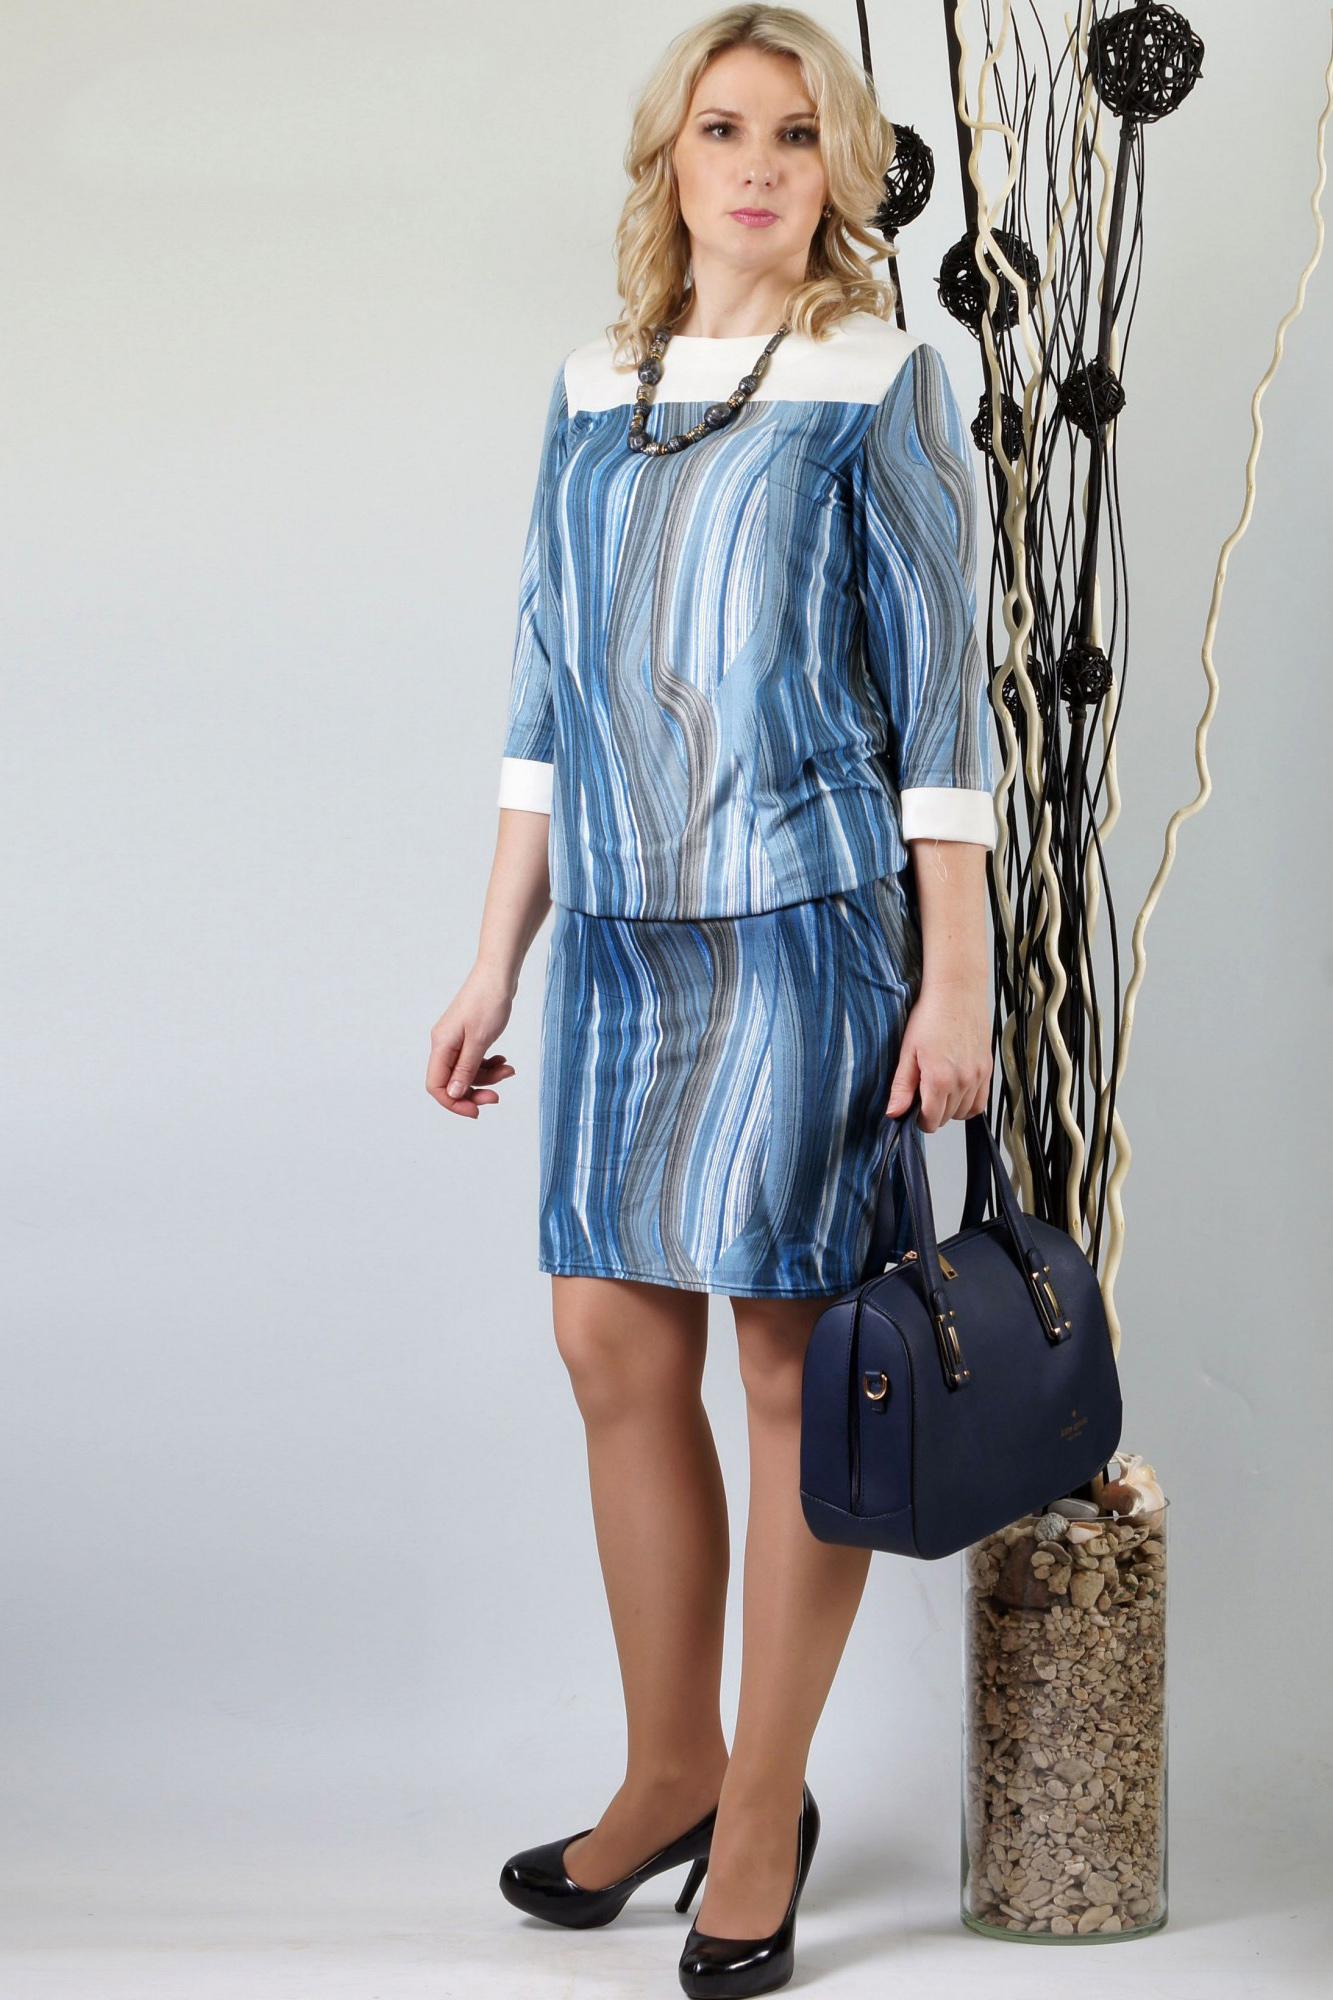 ПлатьеПлатья<br>Комфортное платье свободного кроя из нежной замши. Молочная кокетка освежает образ. Модель подойдет как для работы так и для отдыха. Рукав 3/4.  Длина около 96-110 см. в зависимости от размера  В изделии использованы цвета: голубой, белый, синий  Ростовка изделия 170 см.<br><br>Горловина: С- горловина<br>По длине: До колена<br>По материалу: Вискоза,Замша<br>По рисунку: В полоску,С принтом,Цветные<br>По силуэту: Полуприталенные<br>По стилю: Повседневный стиль<br>По форме: Платье - футляр<br>По элементам: С манжетами<br>Рукав: Рукав три четверти<br>По сезону: Осень,Весна,Зима<br>Размер : 50,52,56,58<br>Материал: Замша<br>Количество в наличии: 5